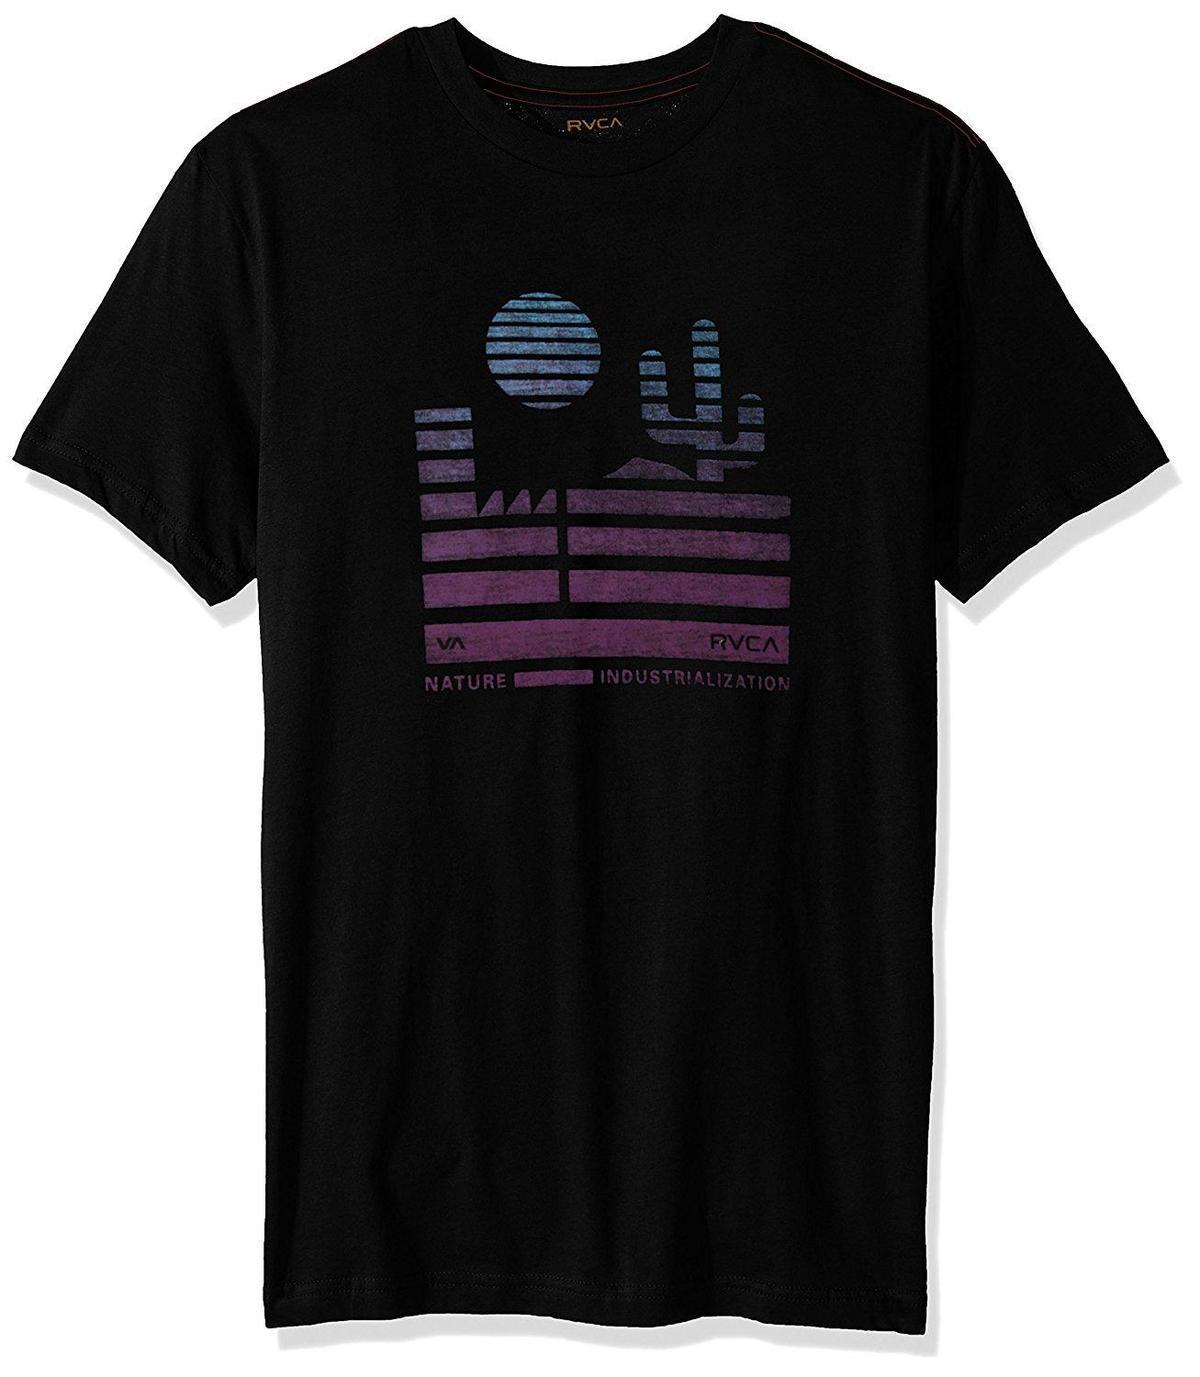 Desert T Frais Bonne Shirt Mens Designer Shirts Design Rvca Sunrise Tee Qualité Hommes Été xWCordBe